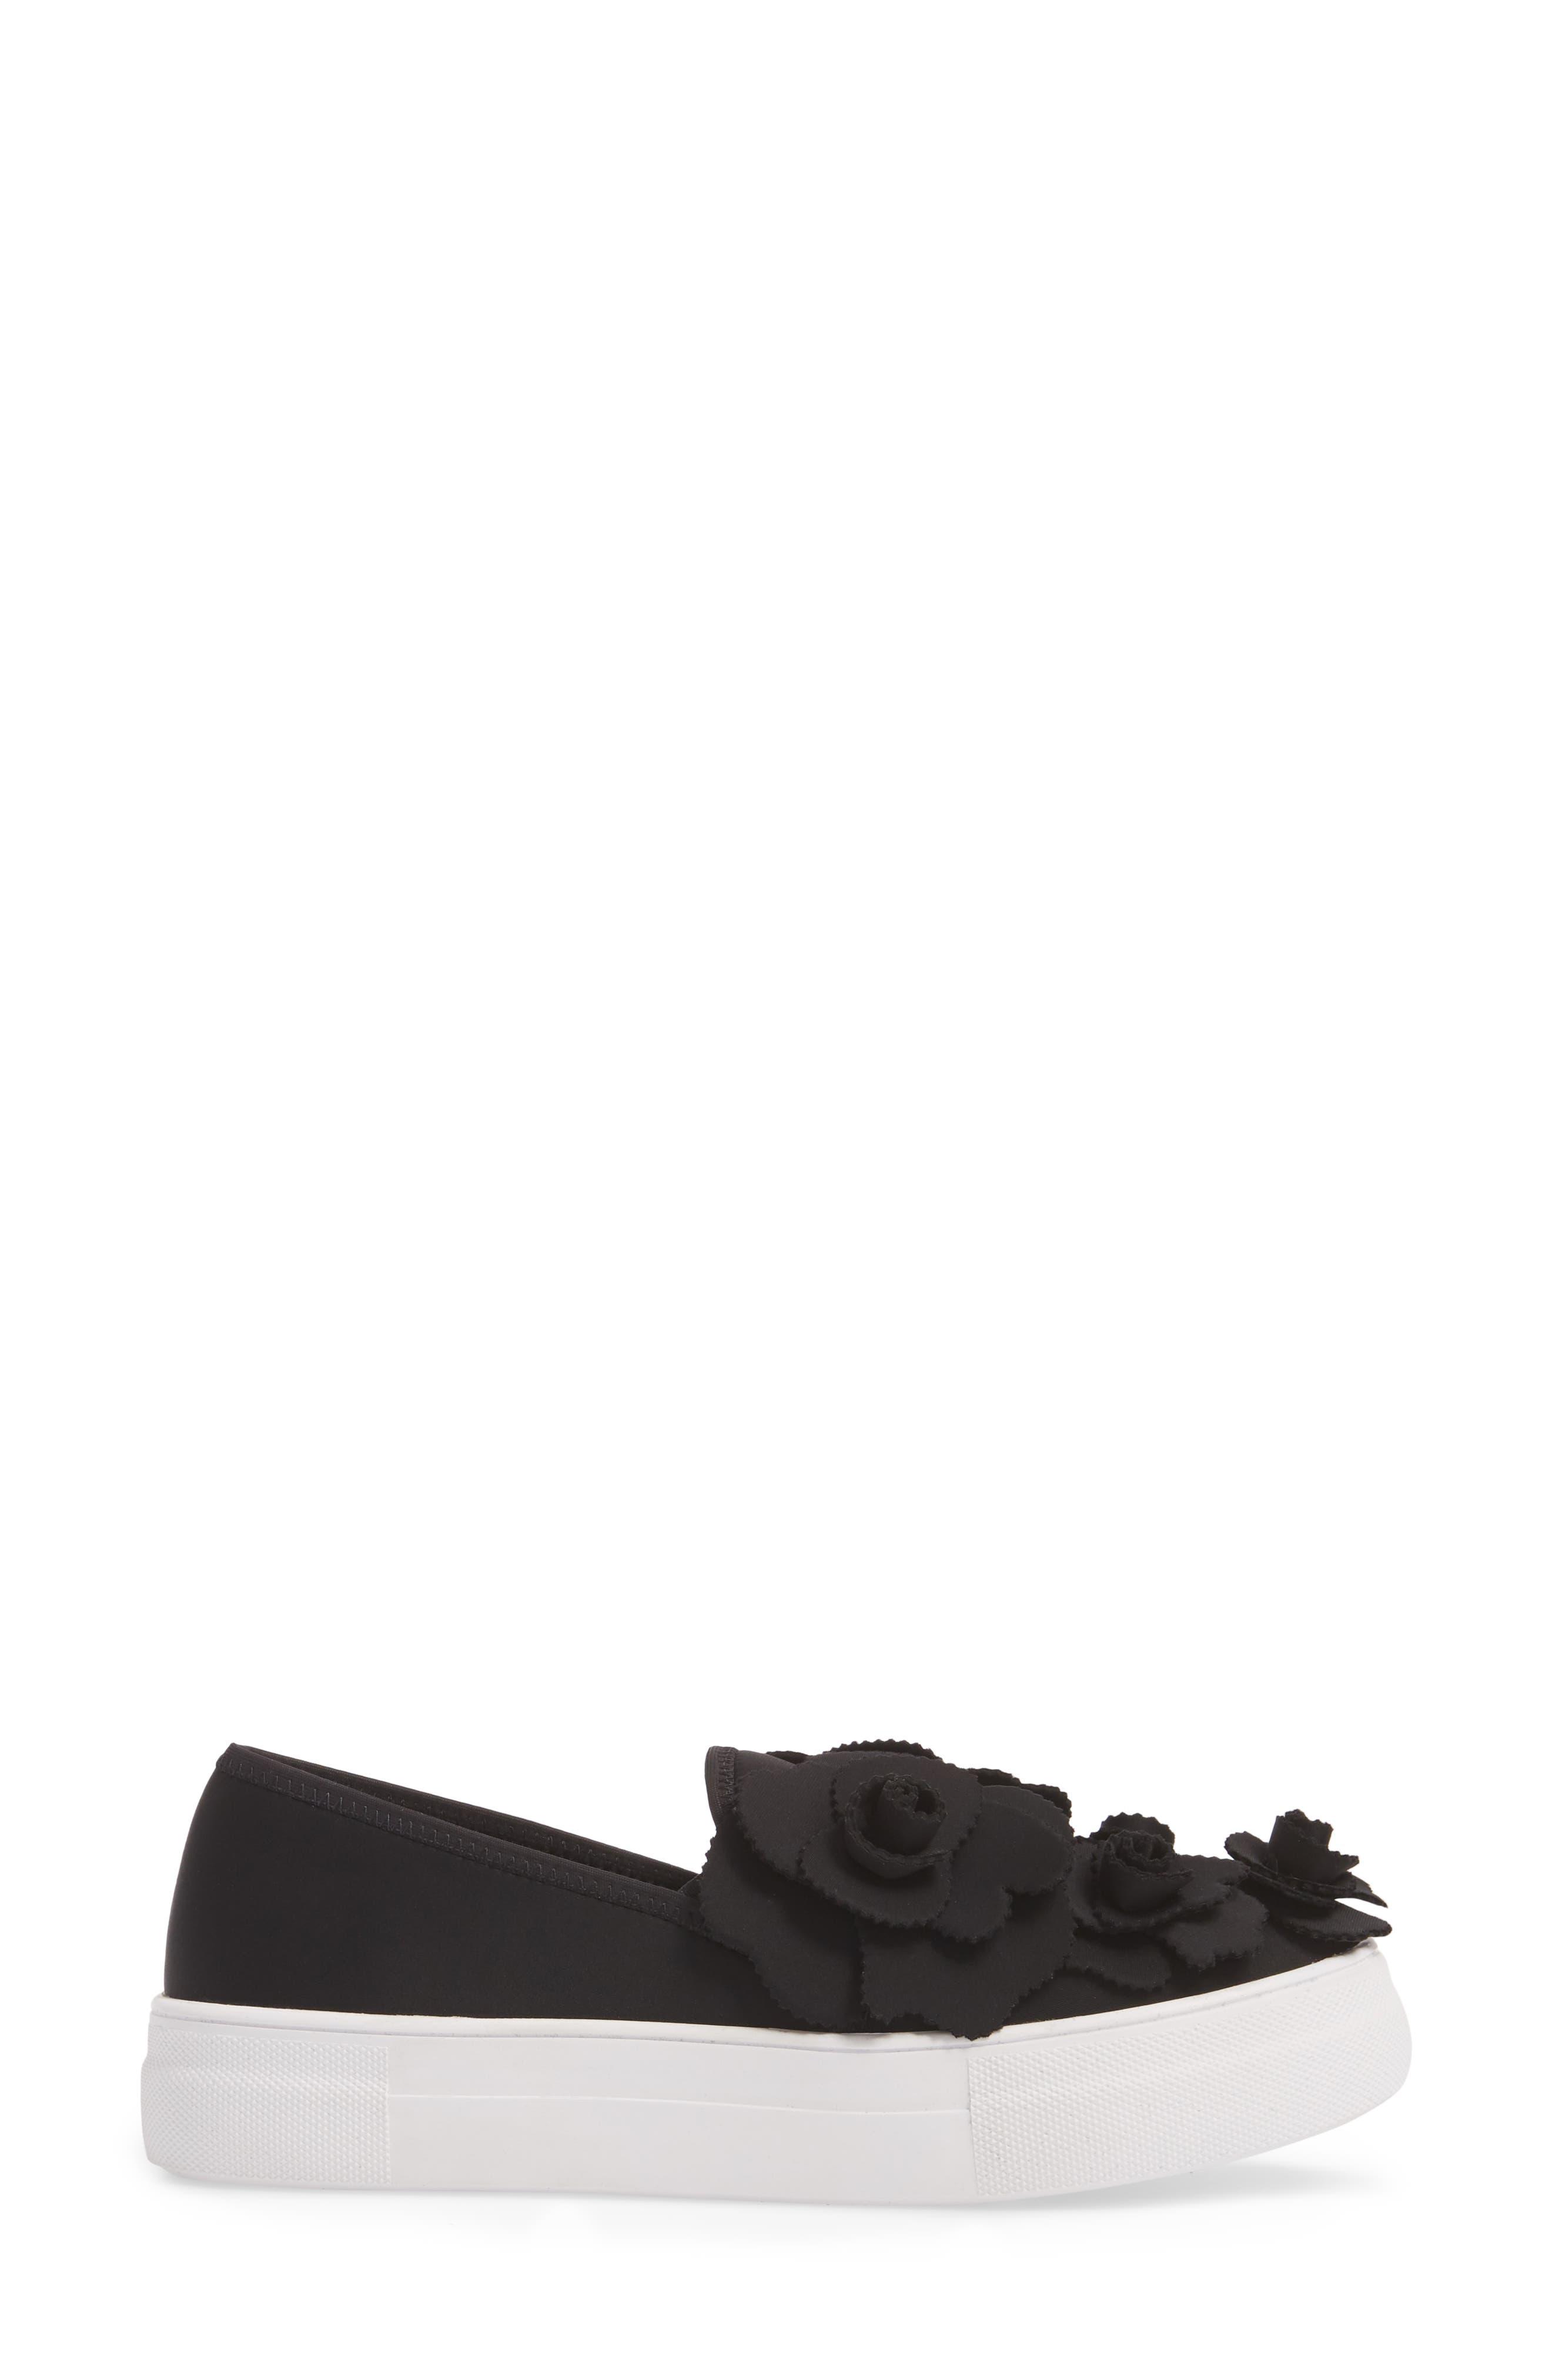 Alden Floral Embellished Slip-On Sneaker,                             Alternate thumbnail 3, color,                             Black Flower Neoprene